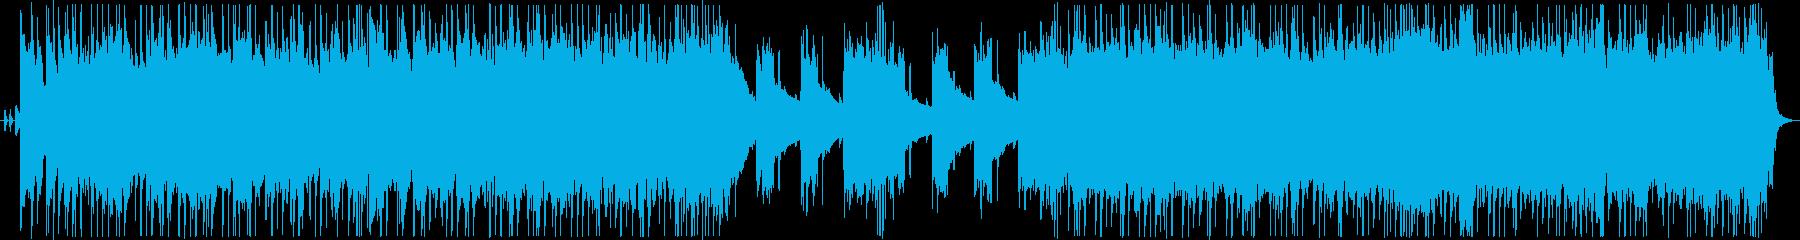 メタル ワイルド スポーツ 低音 ...の再生済みの波形